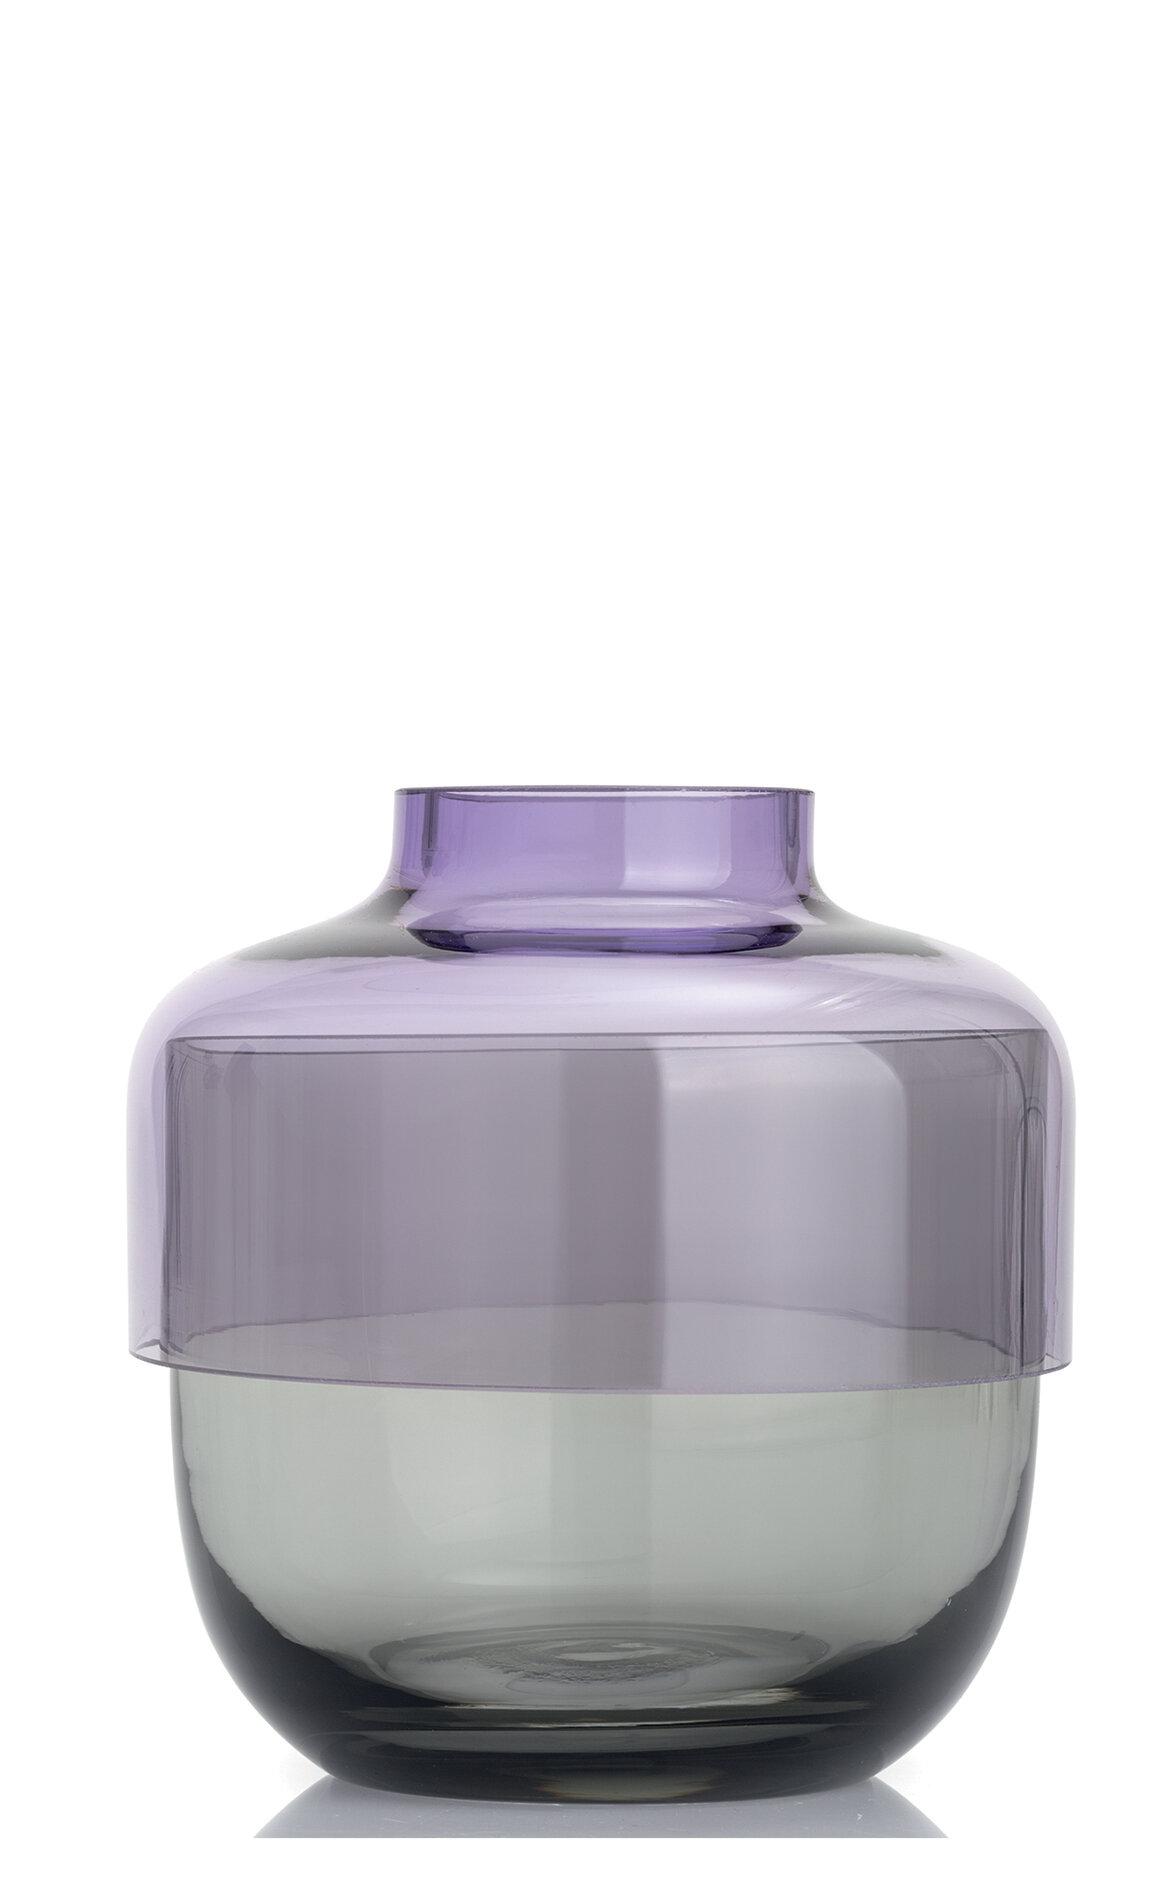 Leonardo Fusion İkili Mor / Gri Vazo Seti